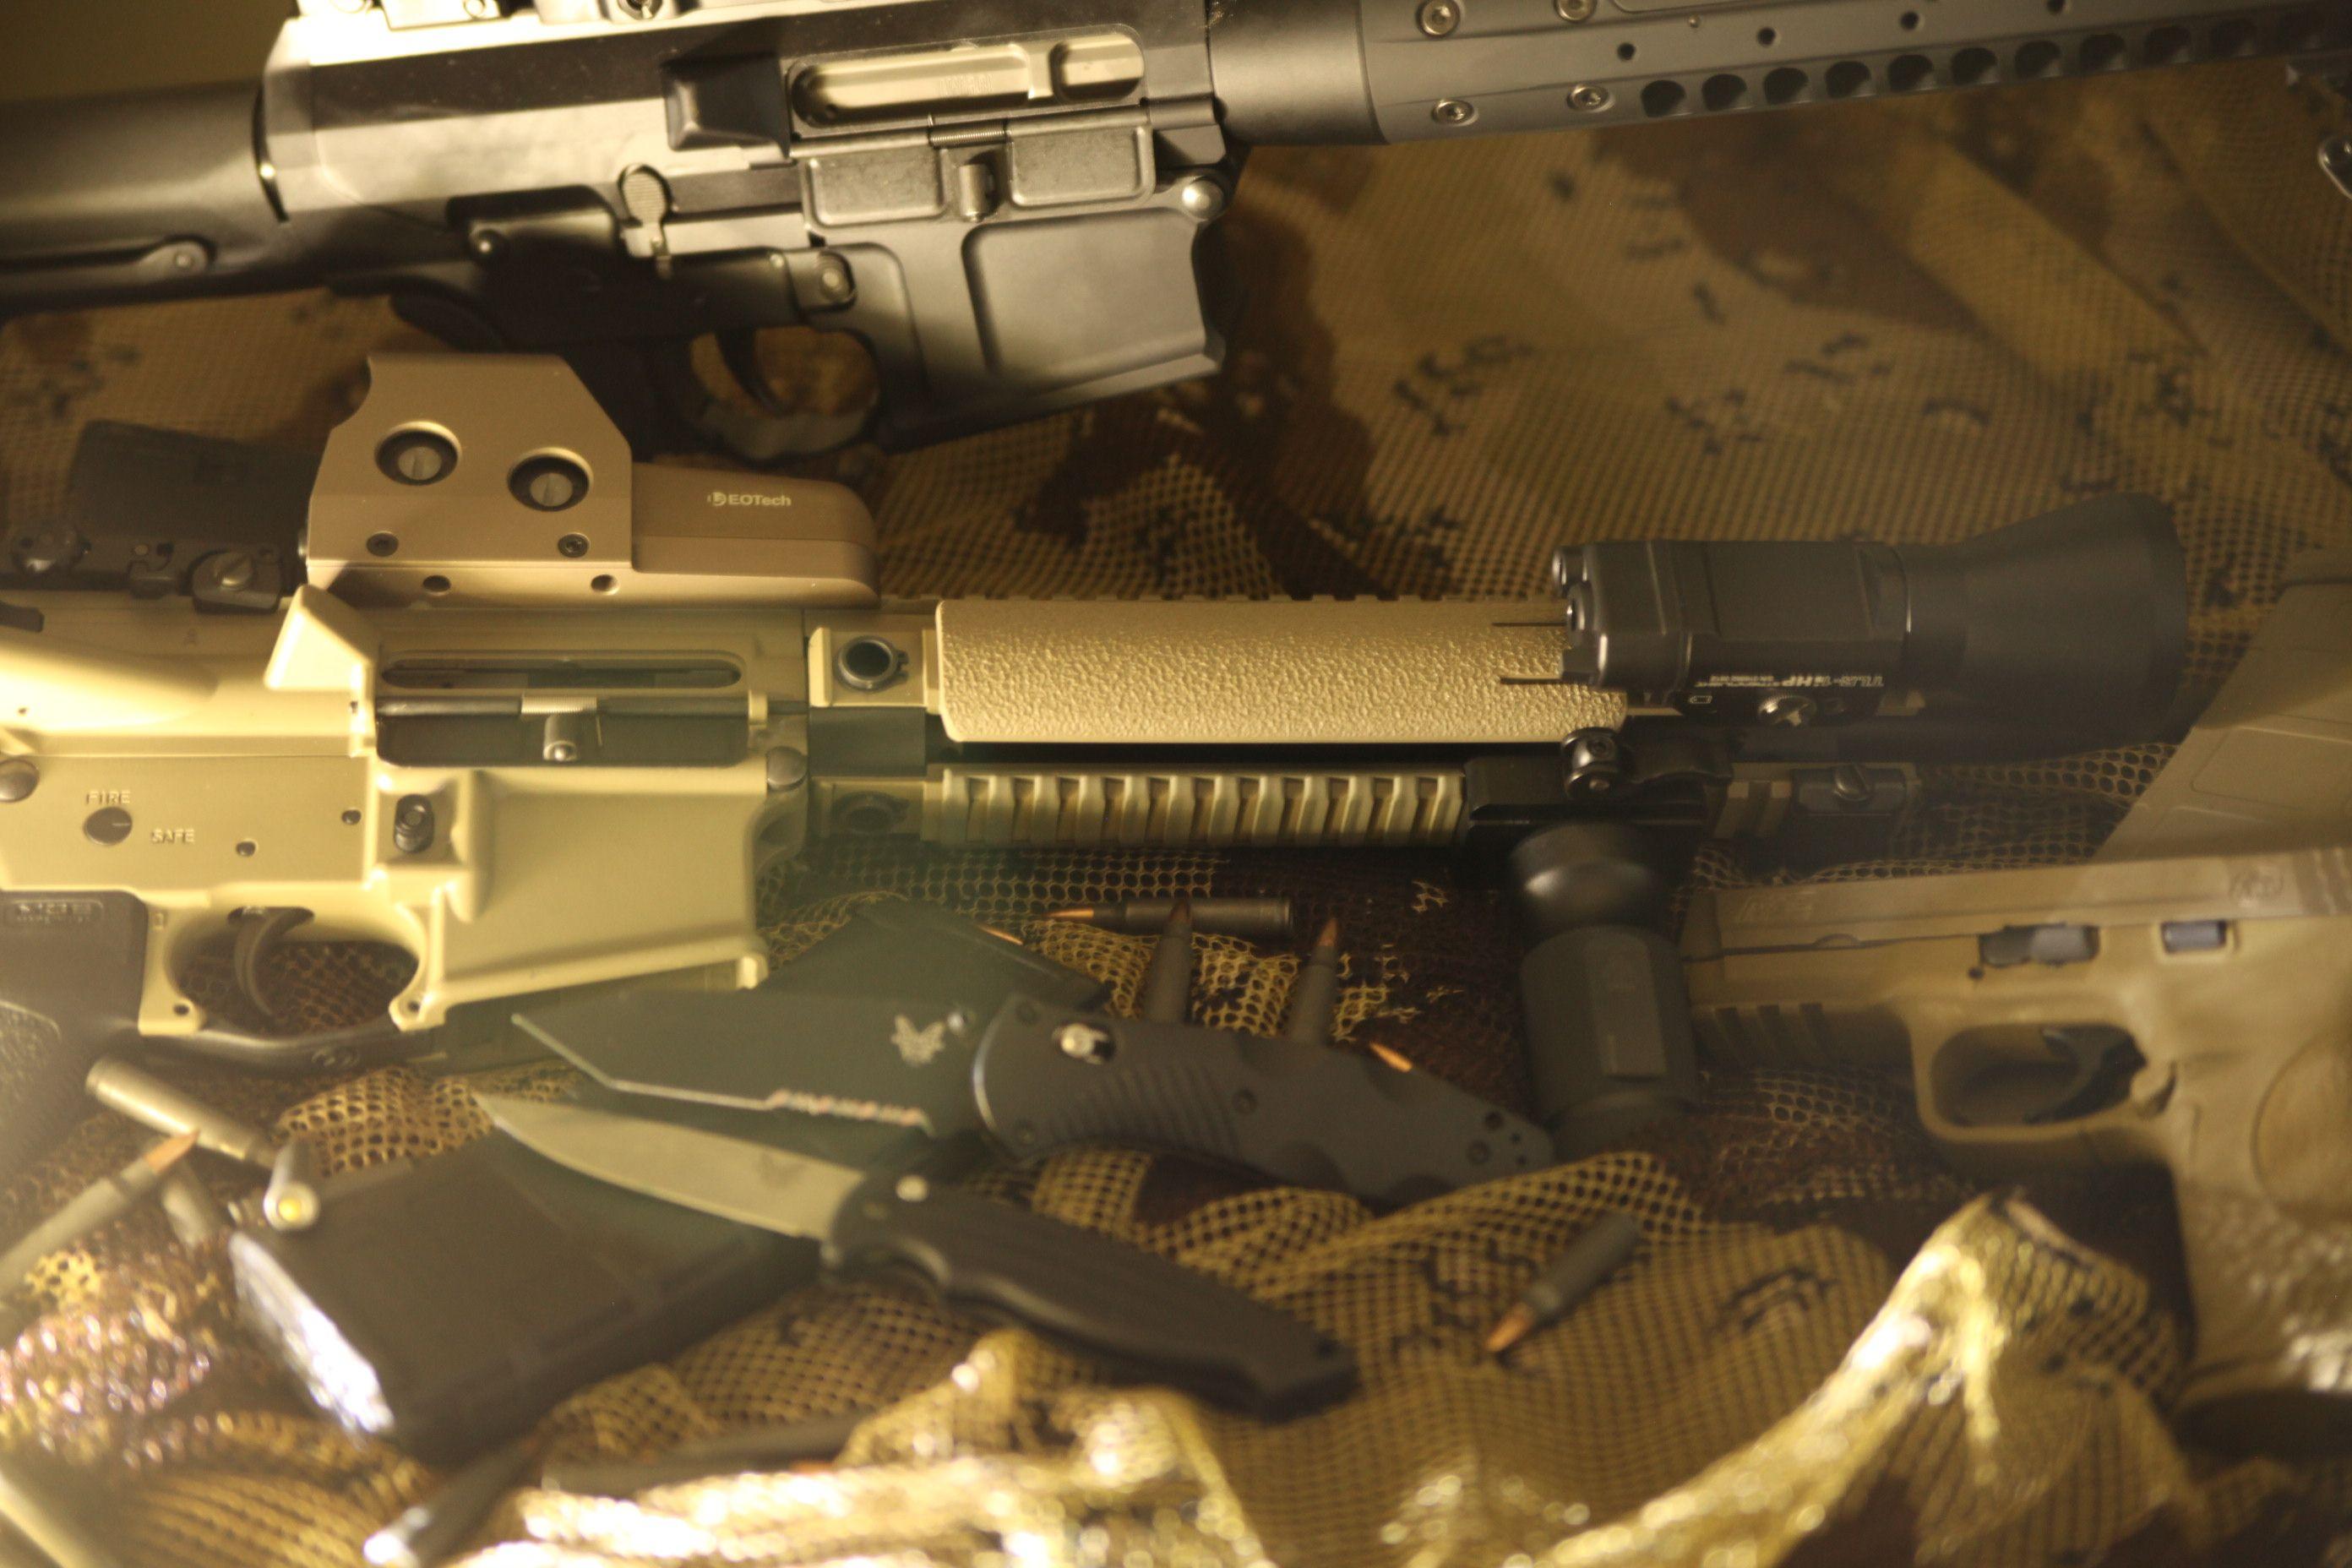 Pin By Jacob Follin On Freedom Guns Hand Guns